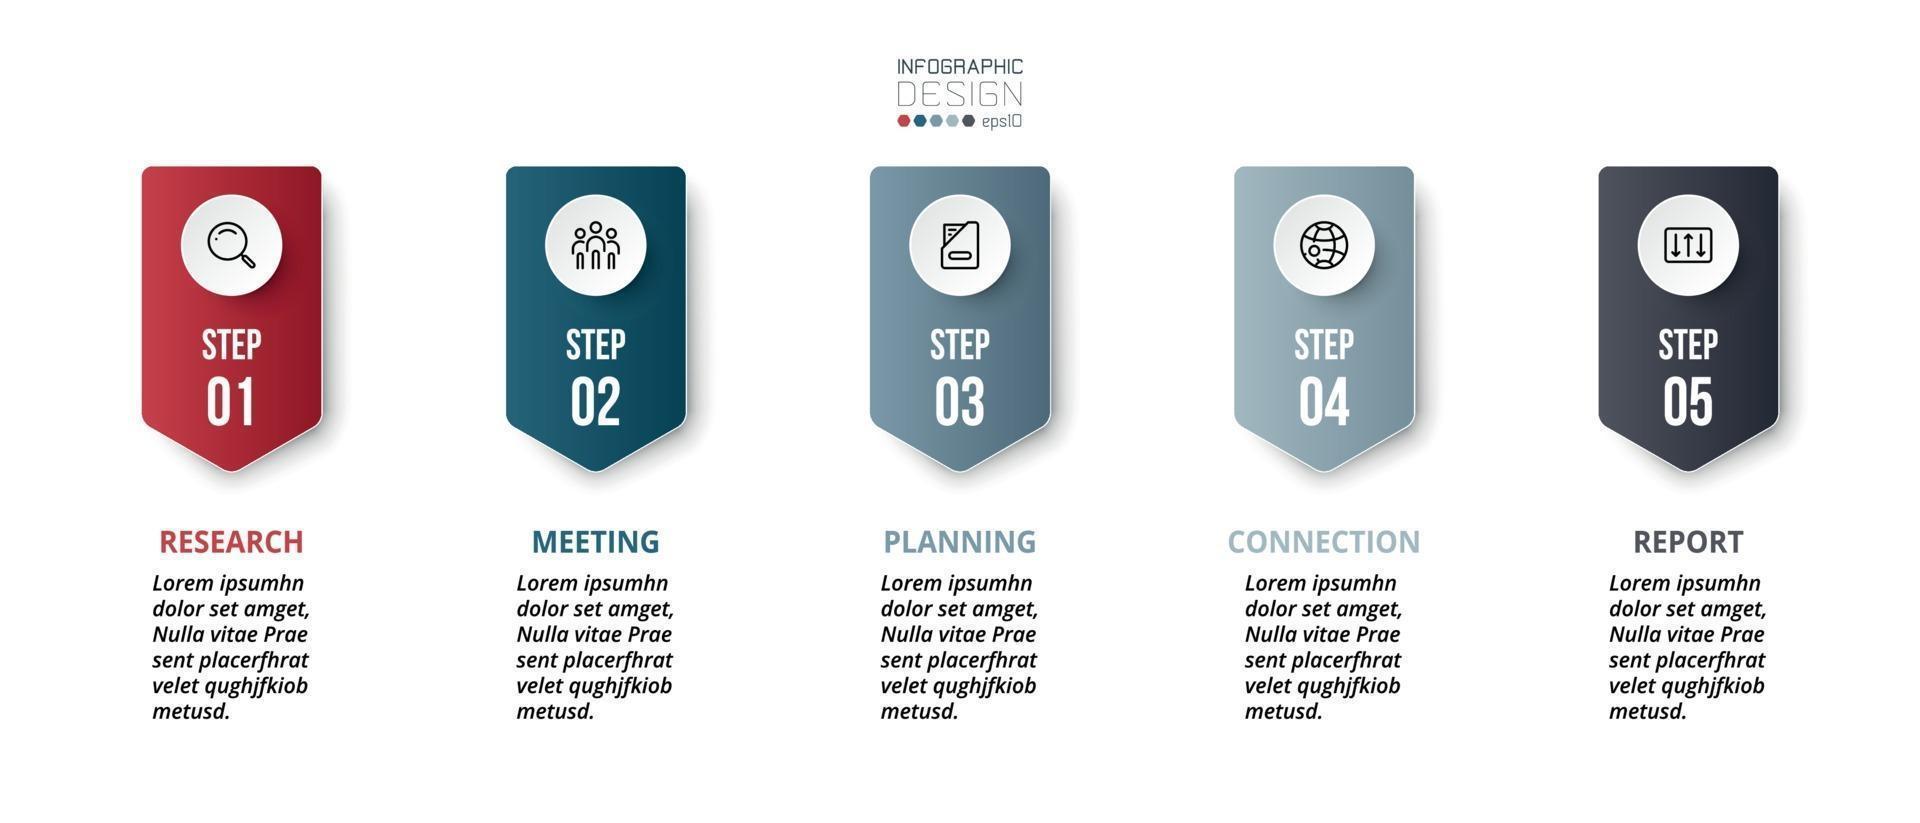 planification à travers 6 flux de travail. apporte de nouvelles idées sur les entreprises ou les entités. vecteur